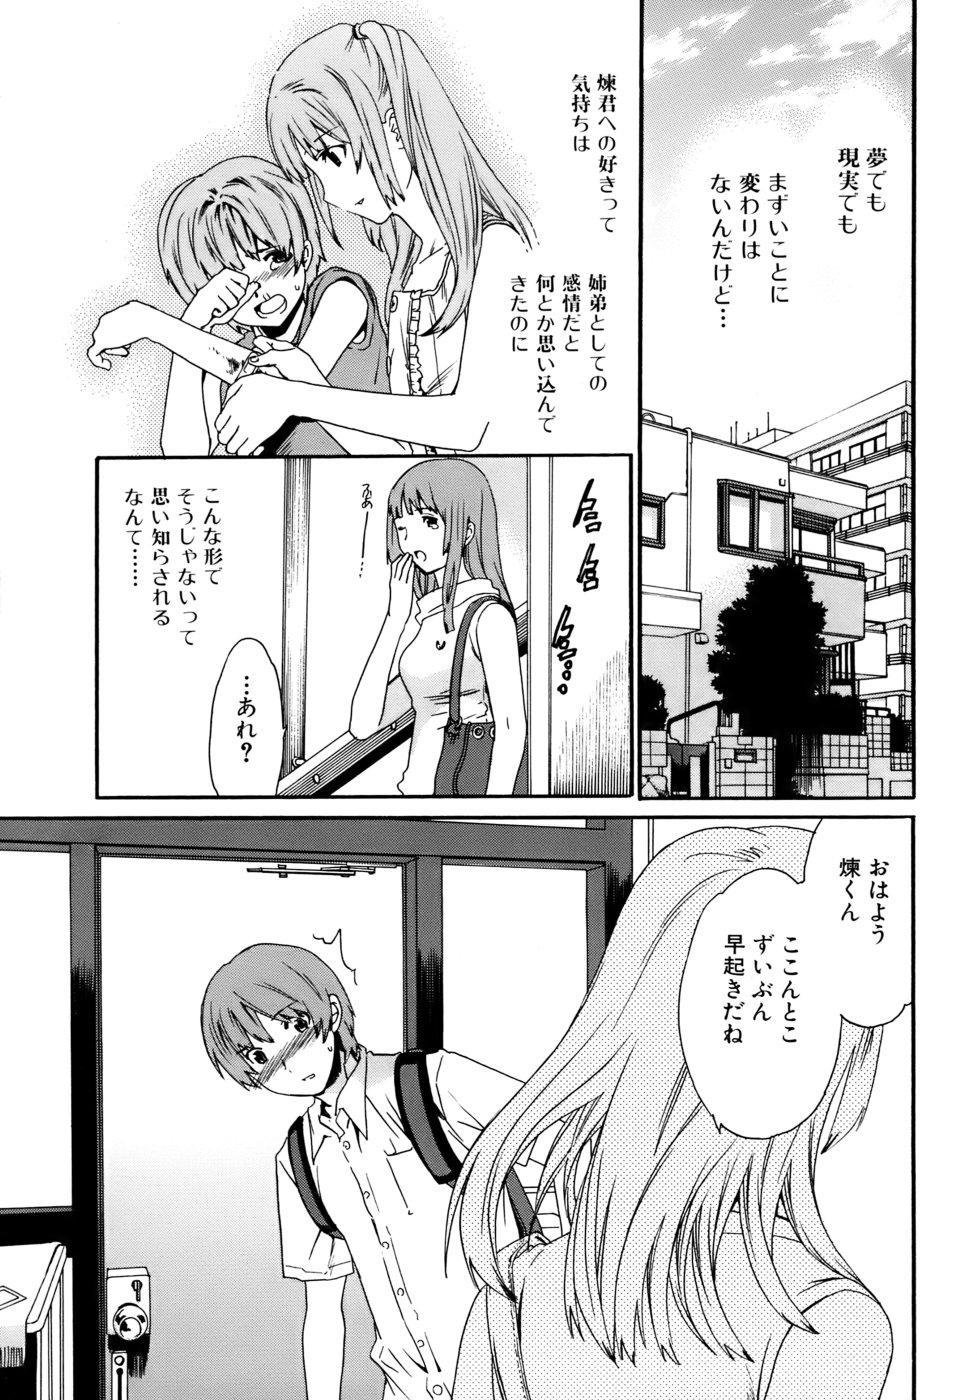 Kanojo no Bitai - Her Coquetry 7